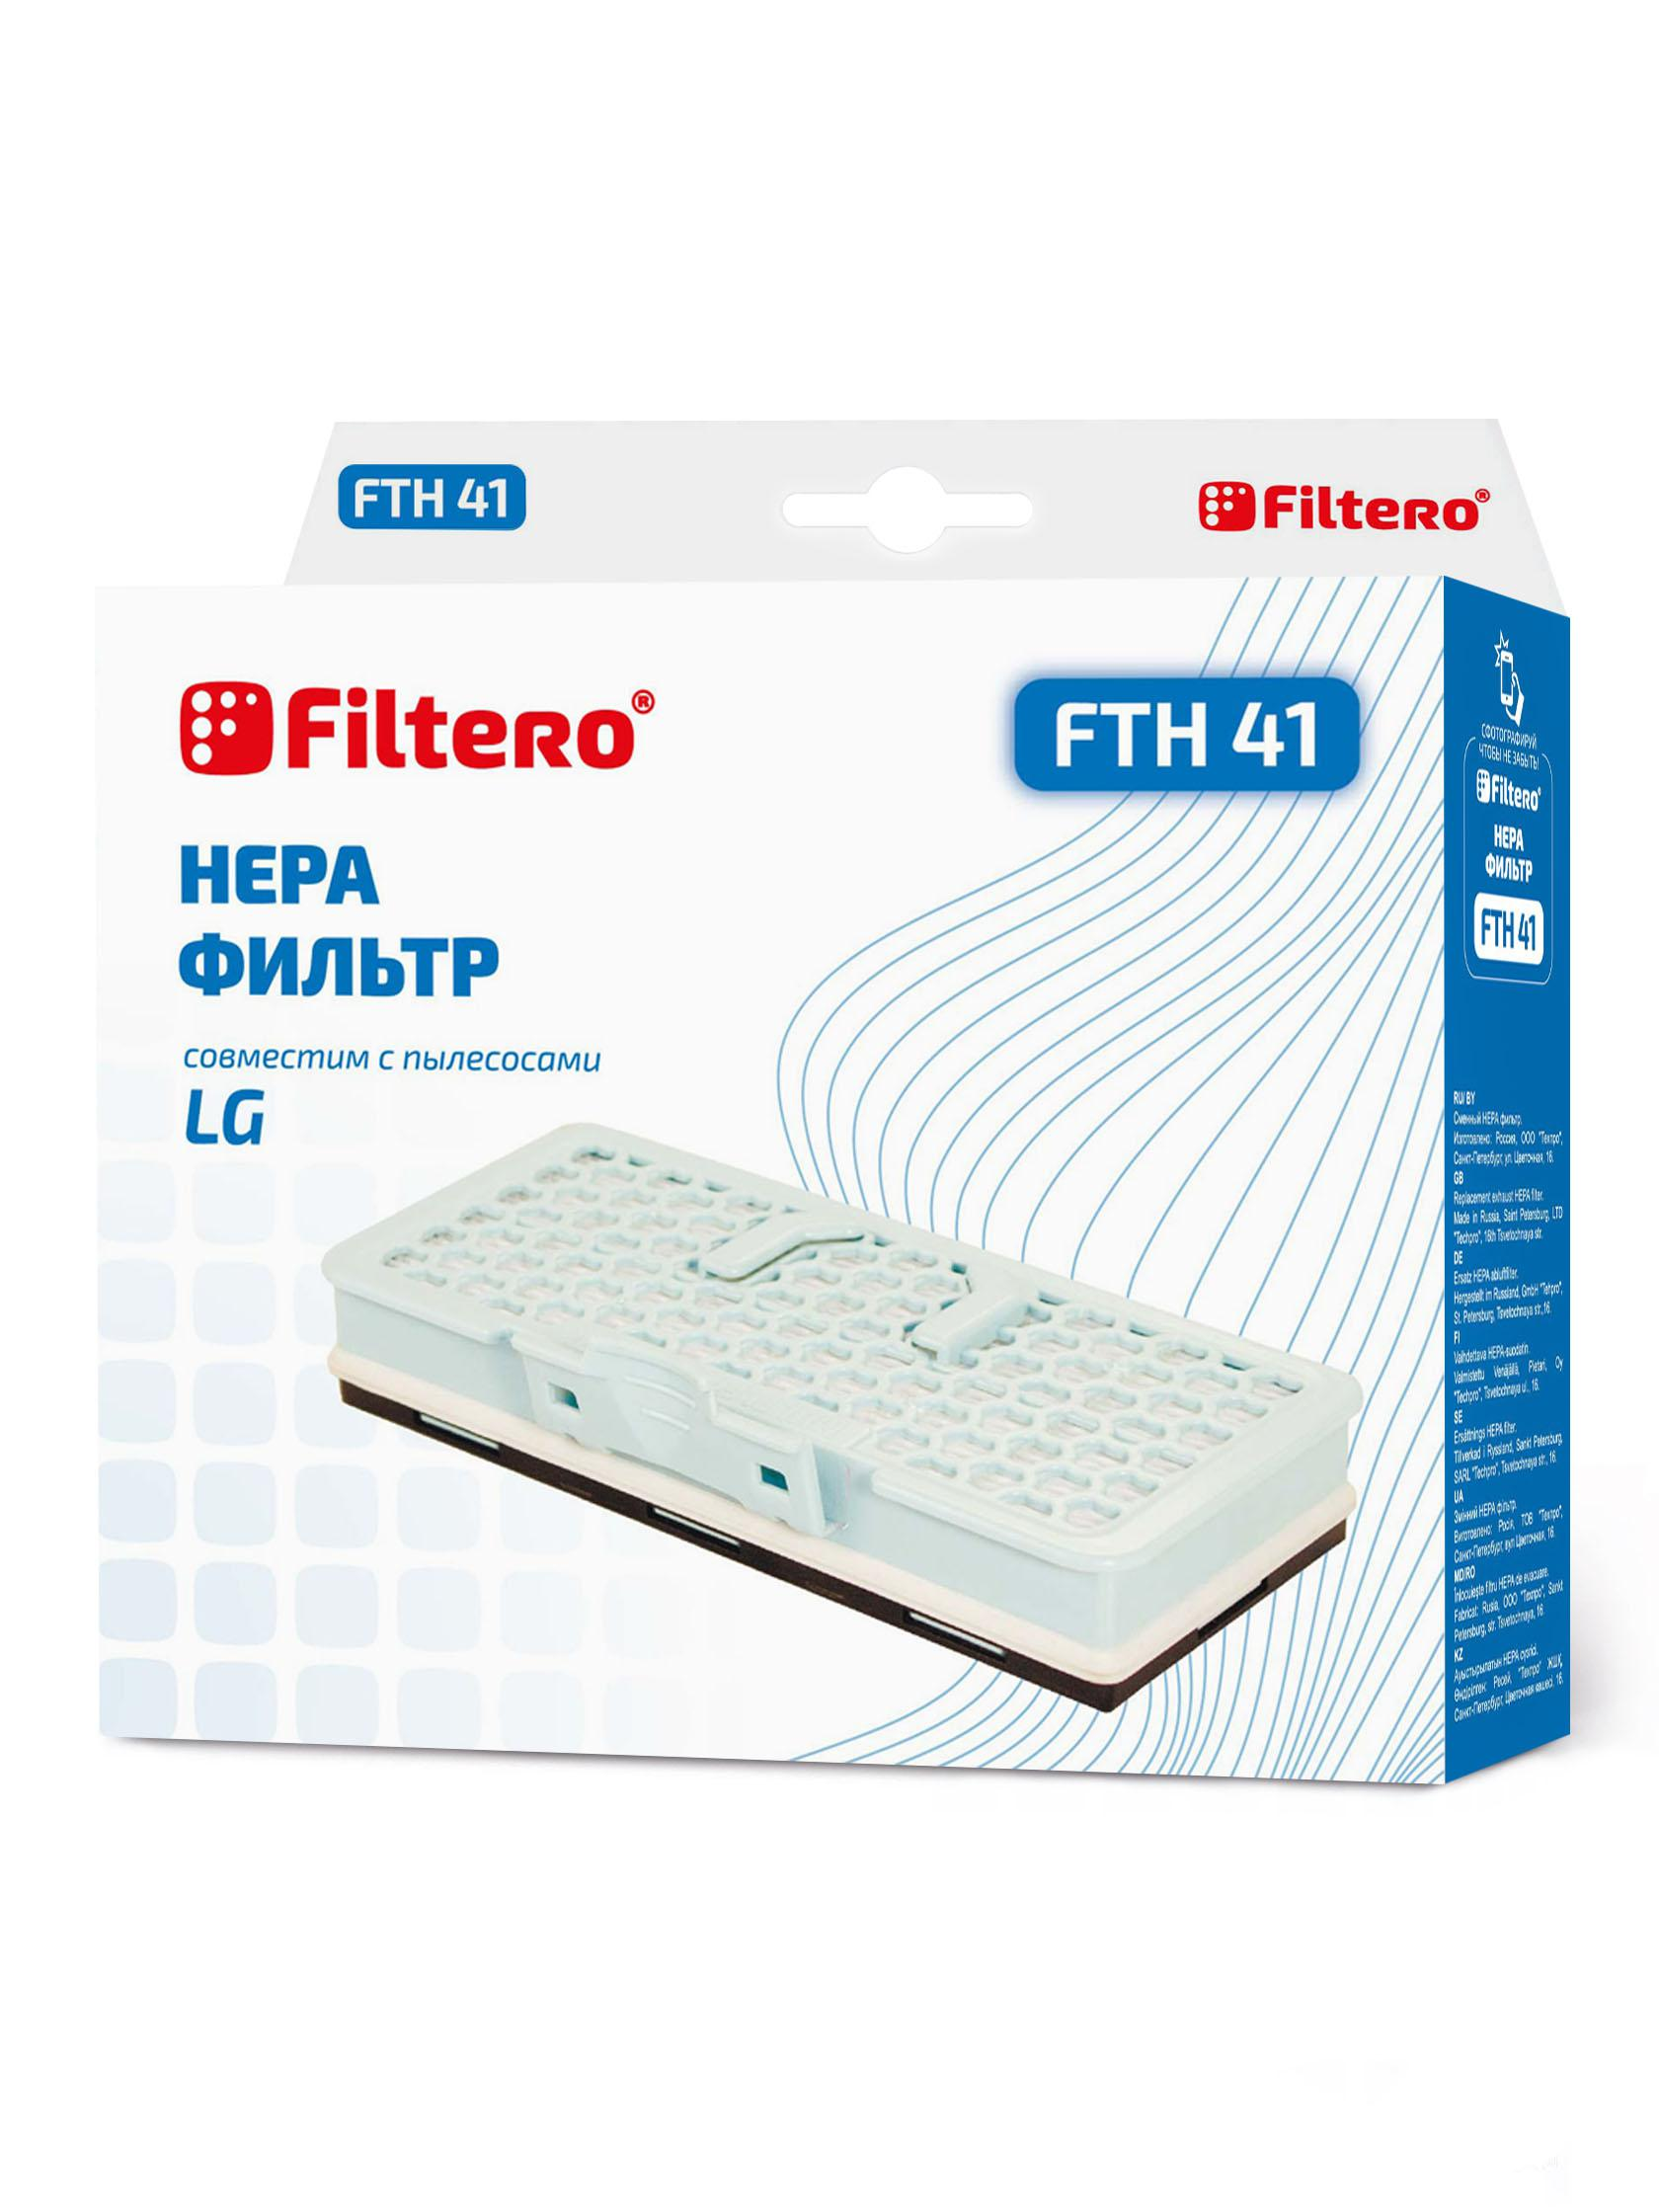 Фильтр Filtero Fth 41 hepa фильтр filtero fth 05 hepa фильтр